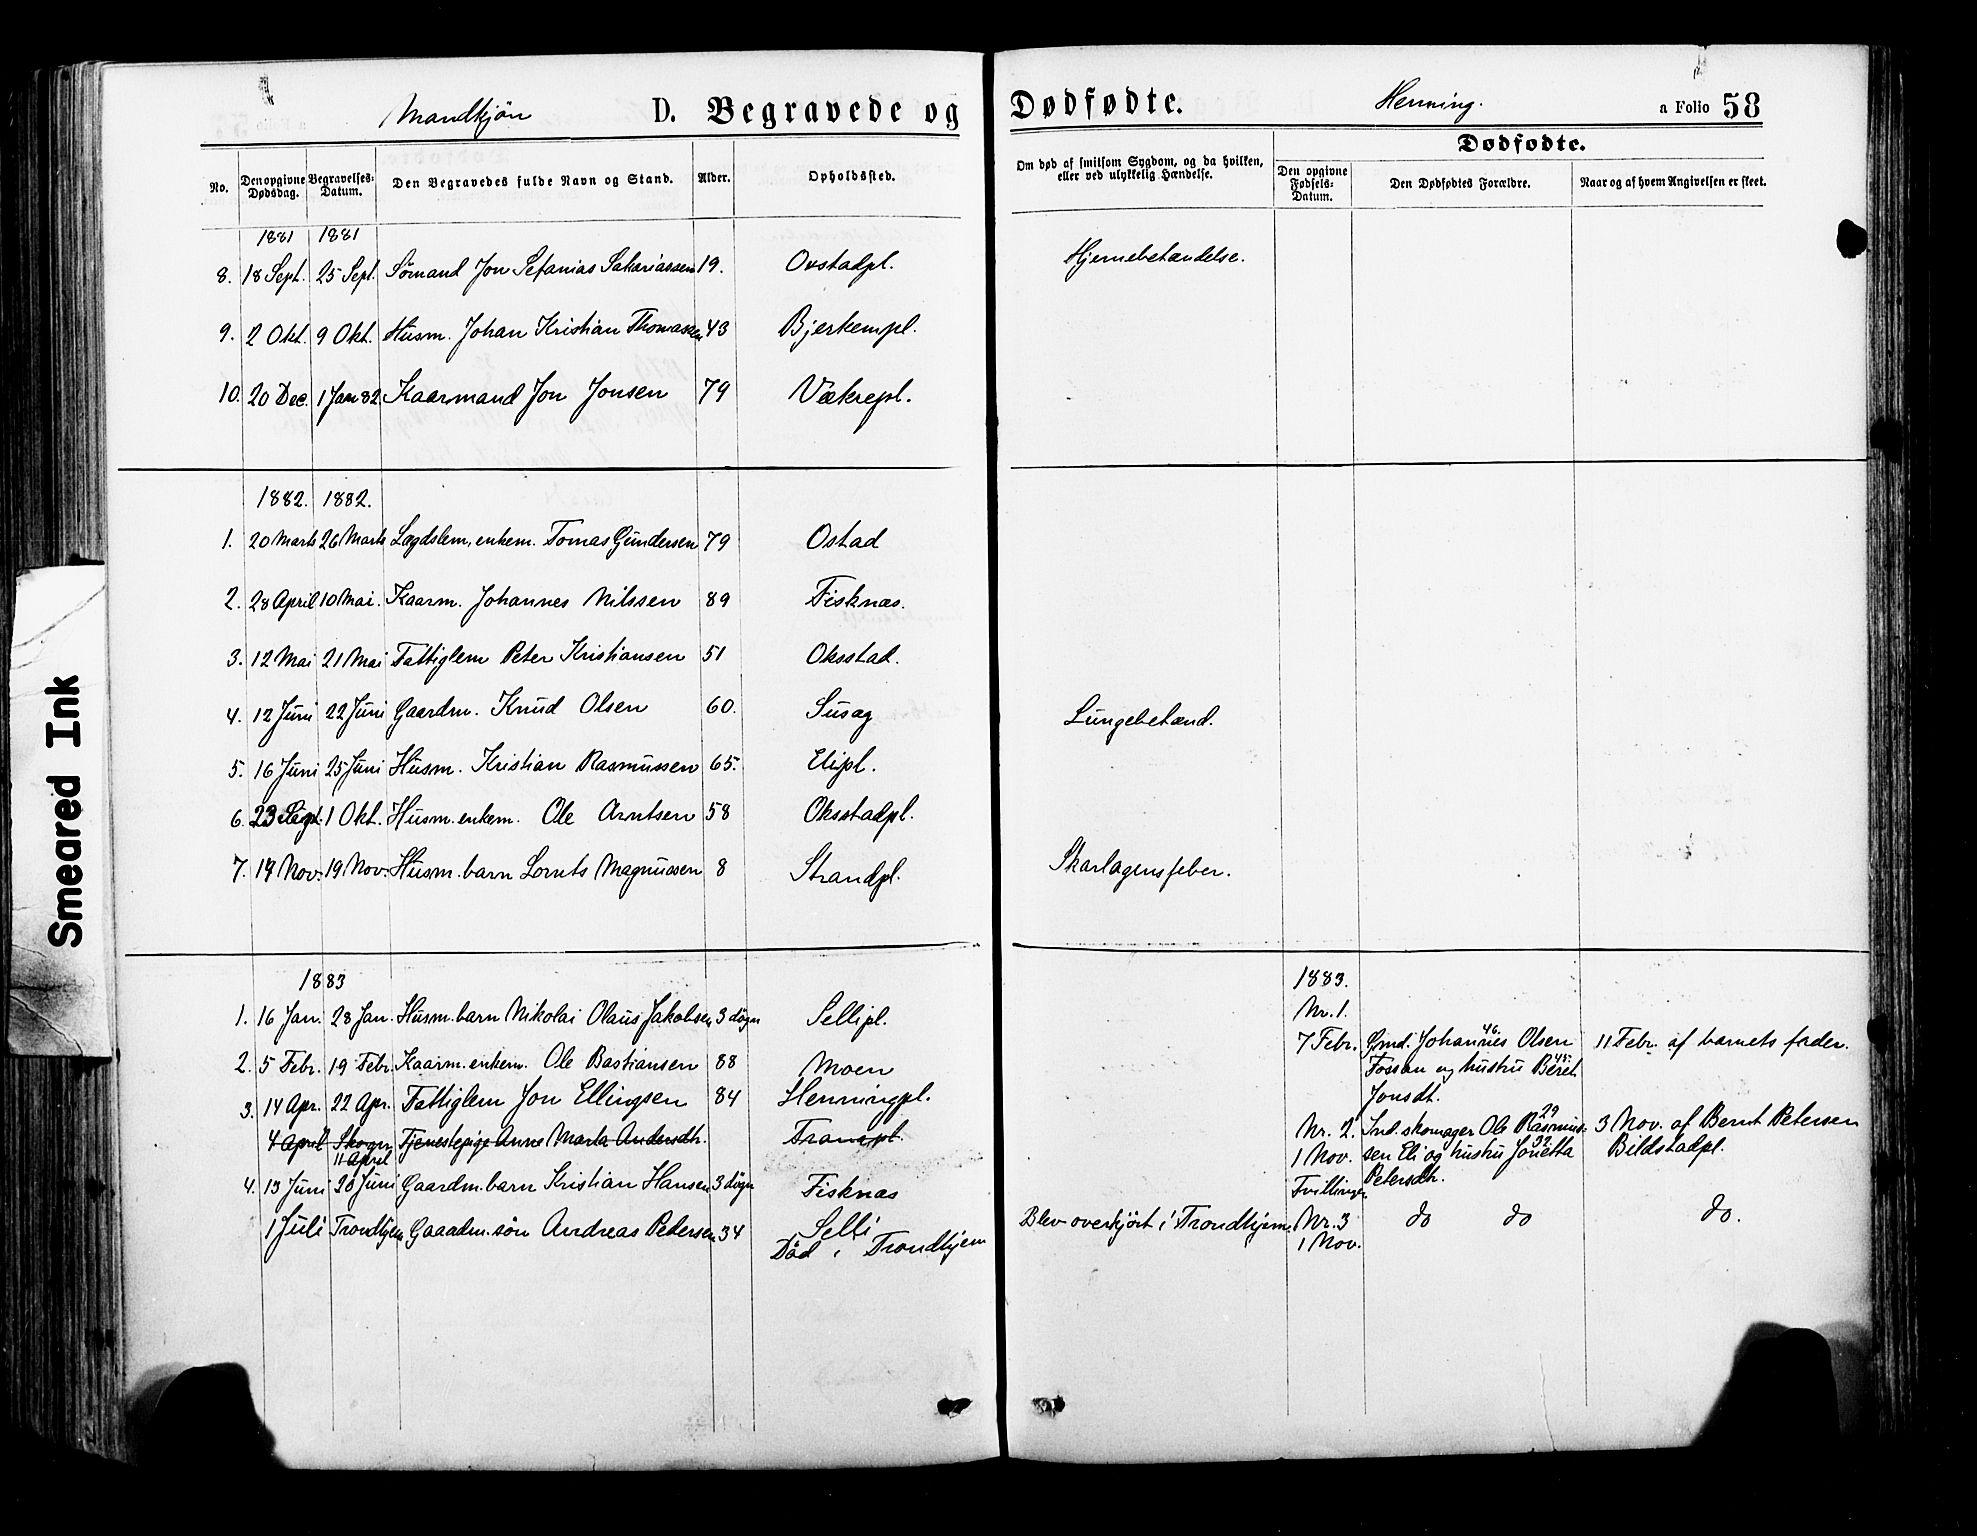 SAT, Ministerialprotokoller, klokkerbøker og fødselsregistre - Nord-Trøndelag, 735/L0348: Ministerialbok nr. 735A09 /3, 1873-1883, s. 58